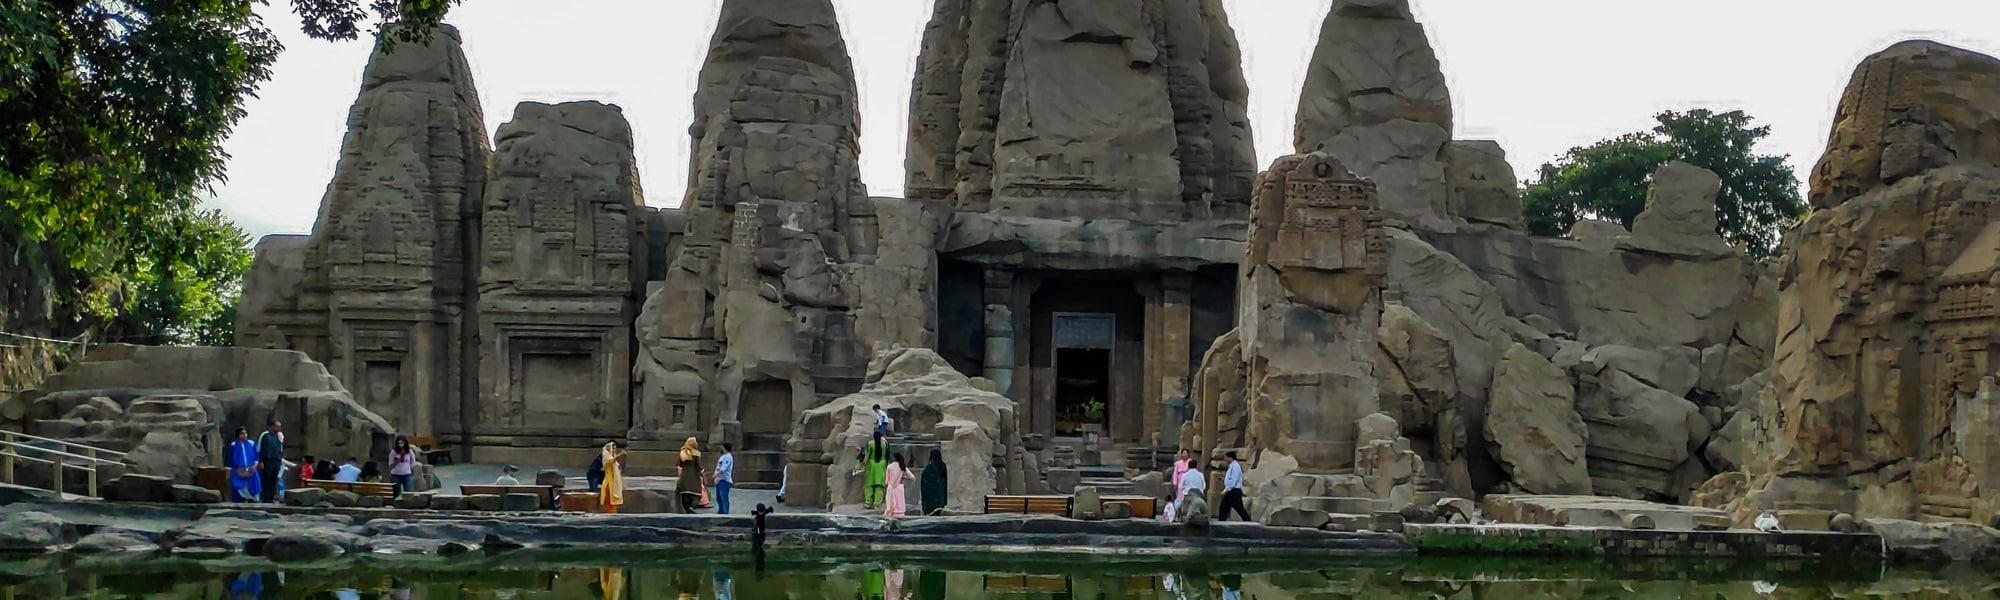 Masrur Temple